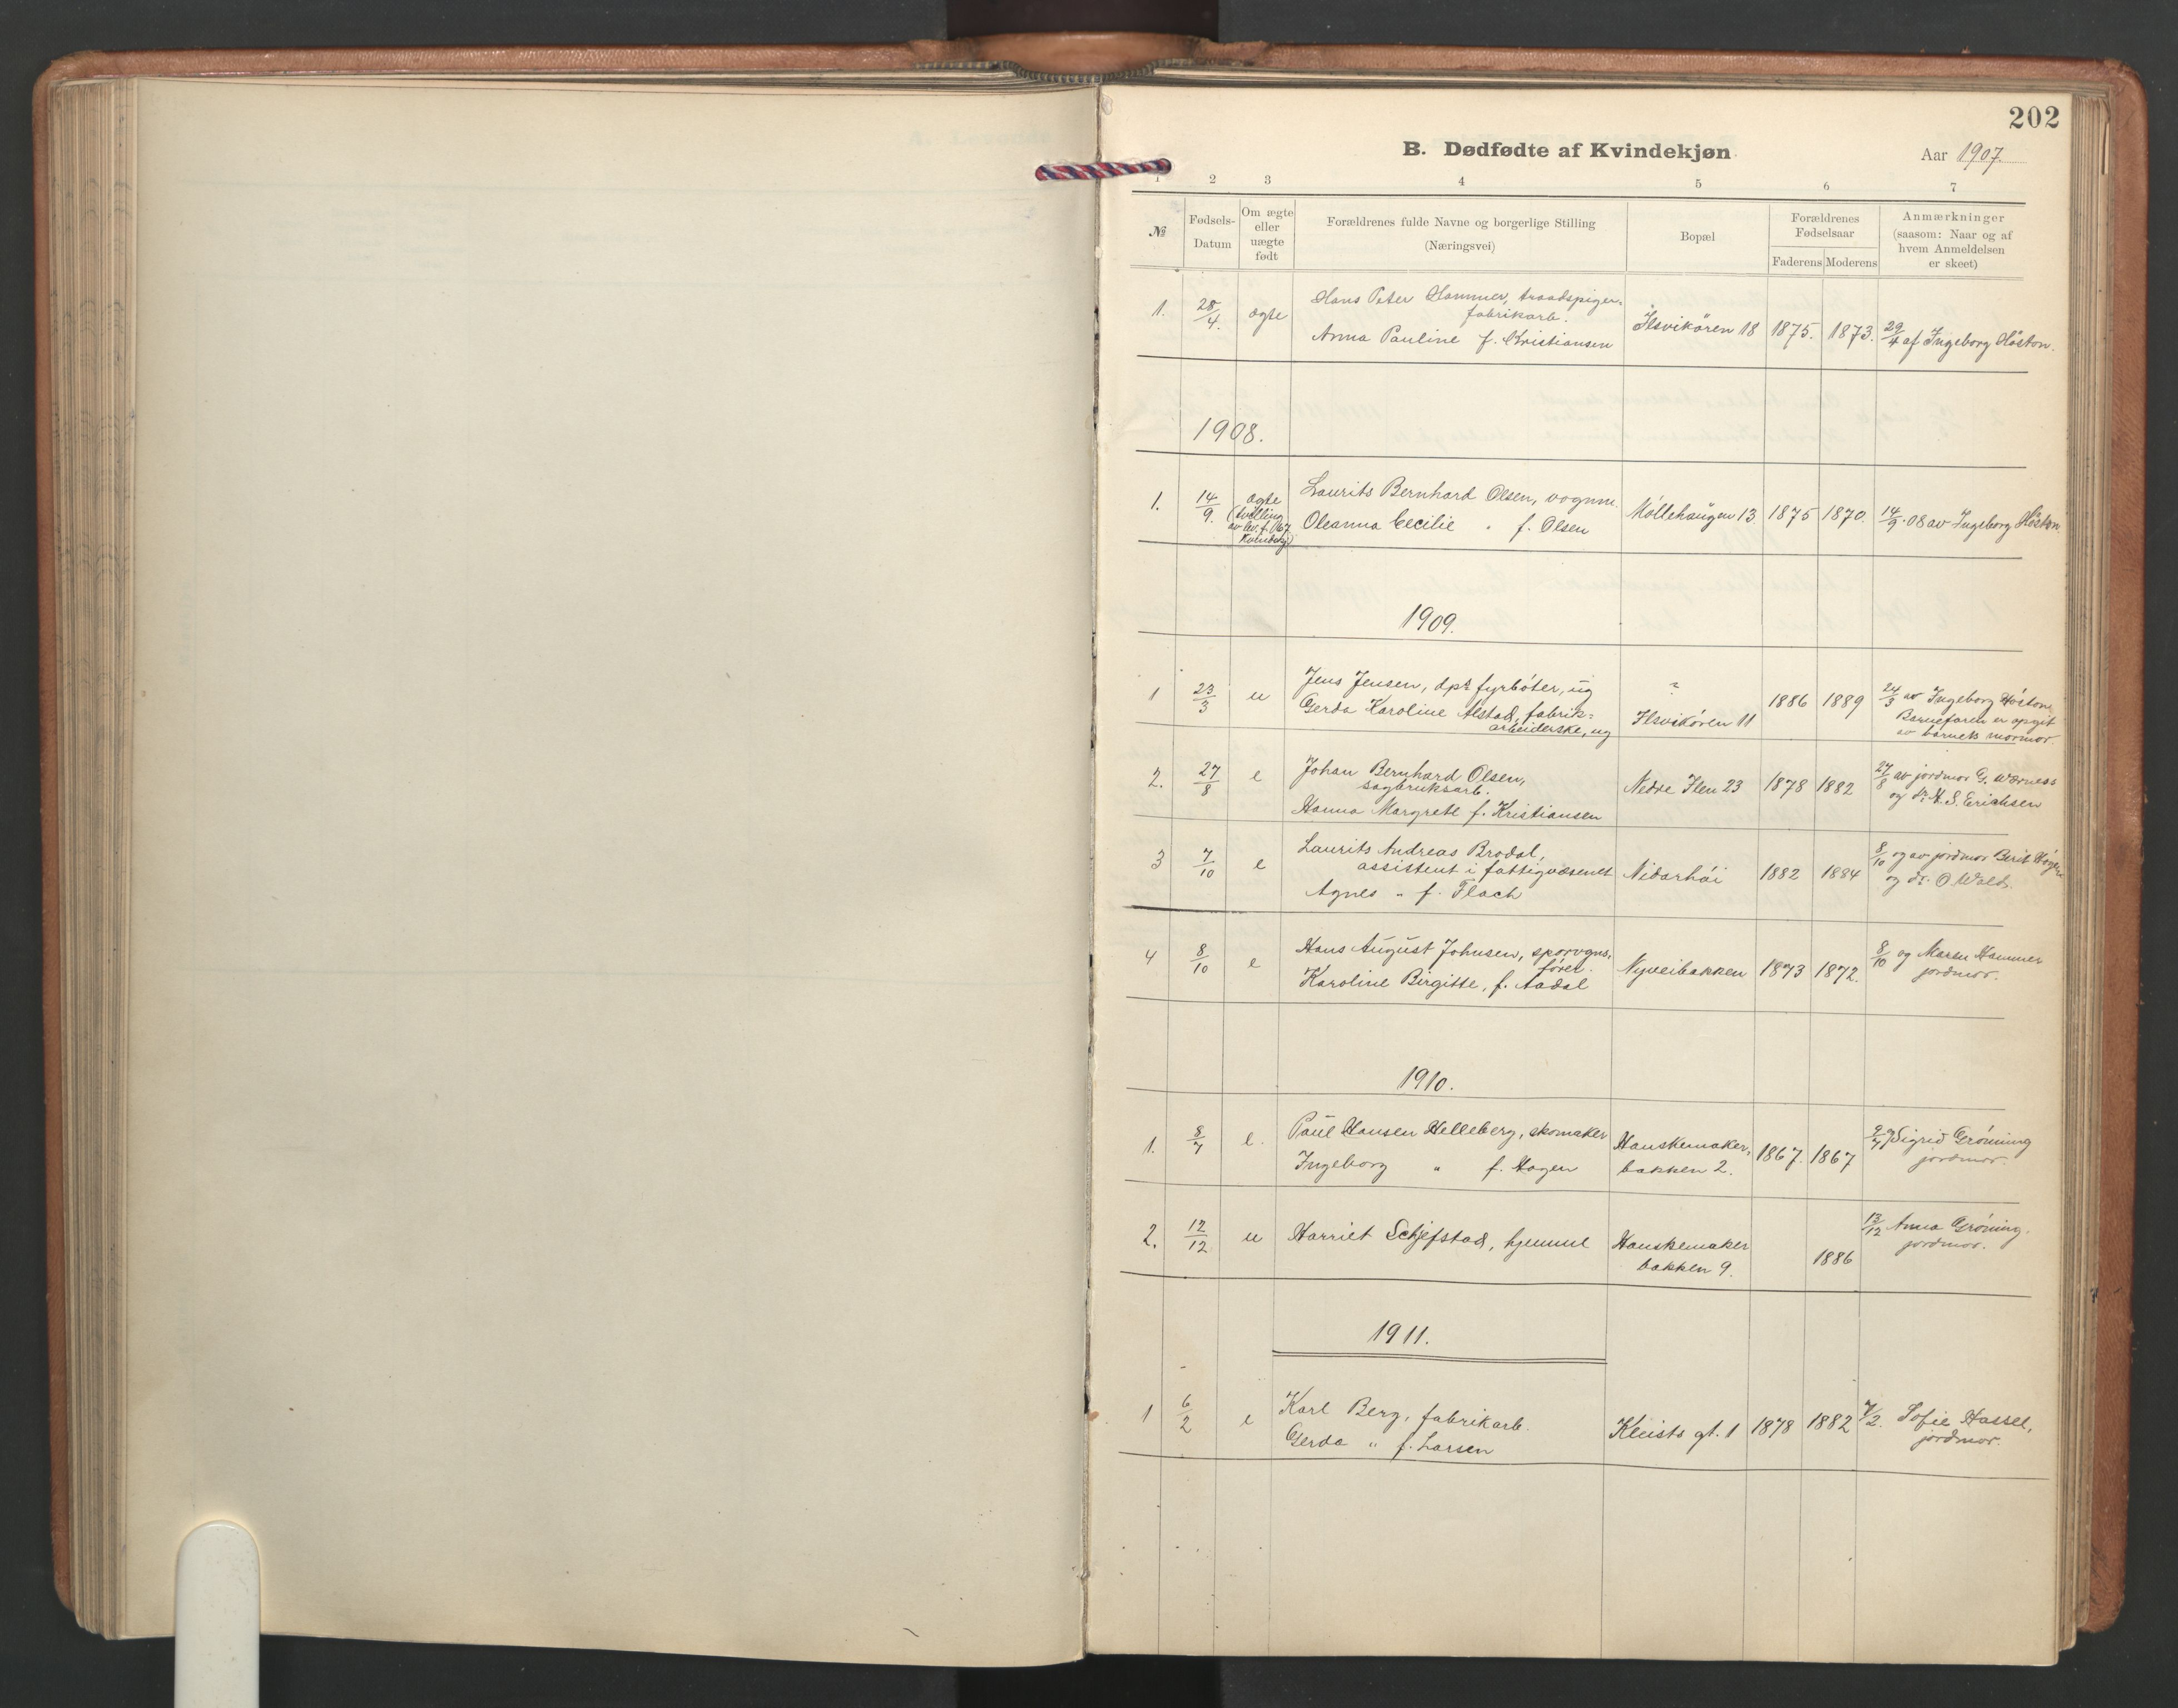 SAT, Ministerialprotokoller, klokkerbøker og fødselsregistre - Sør-Trøndelag, 603/L0173: Klokkerbok nr. 603C01, 1907-1962, s. 202